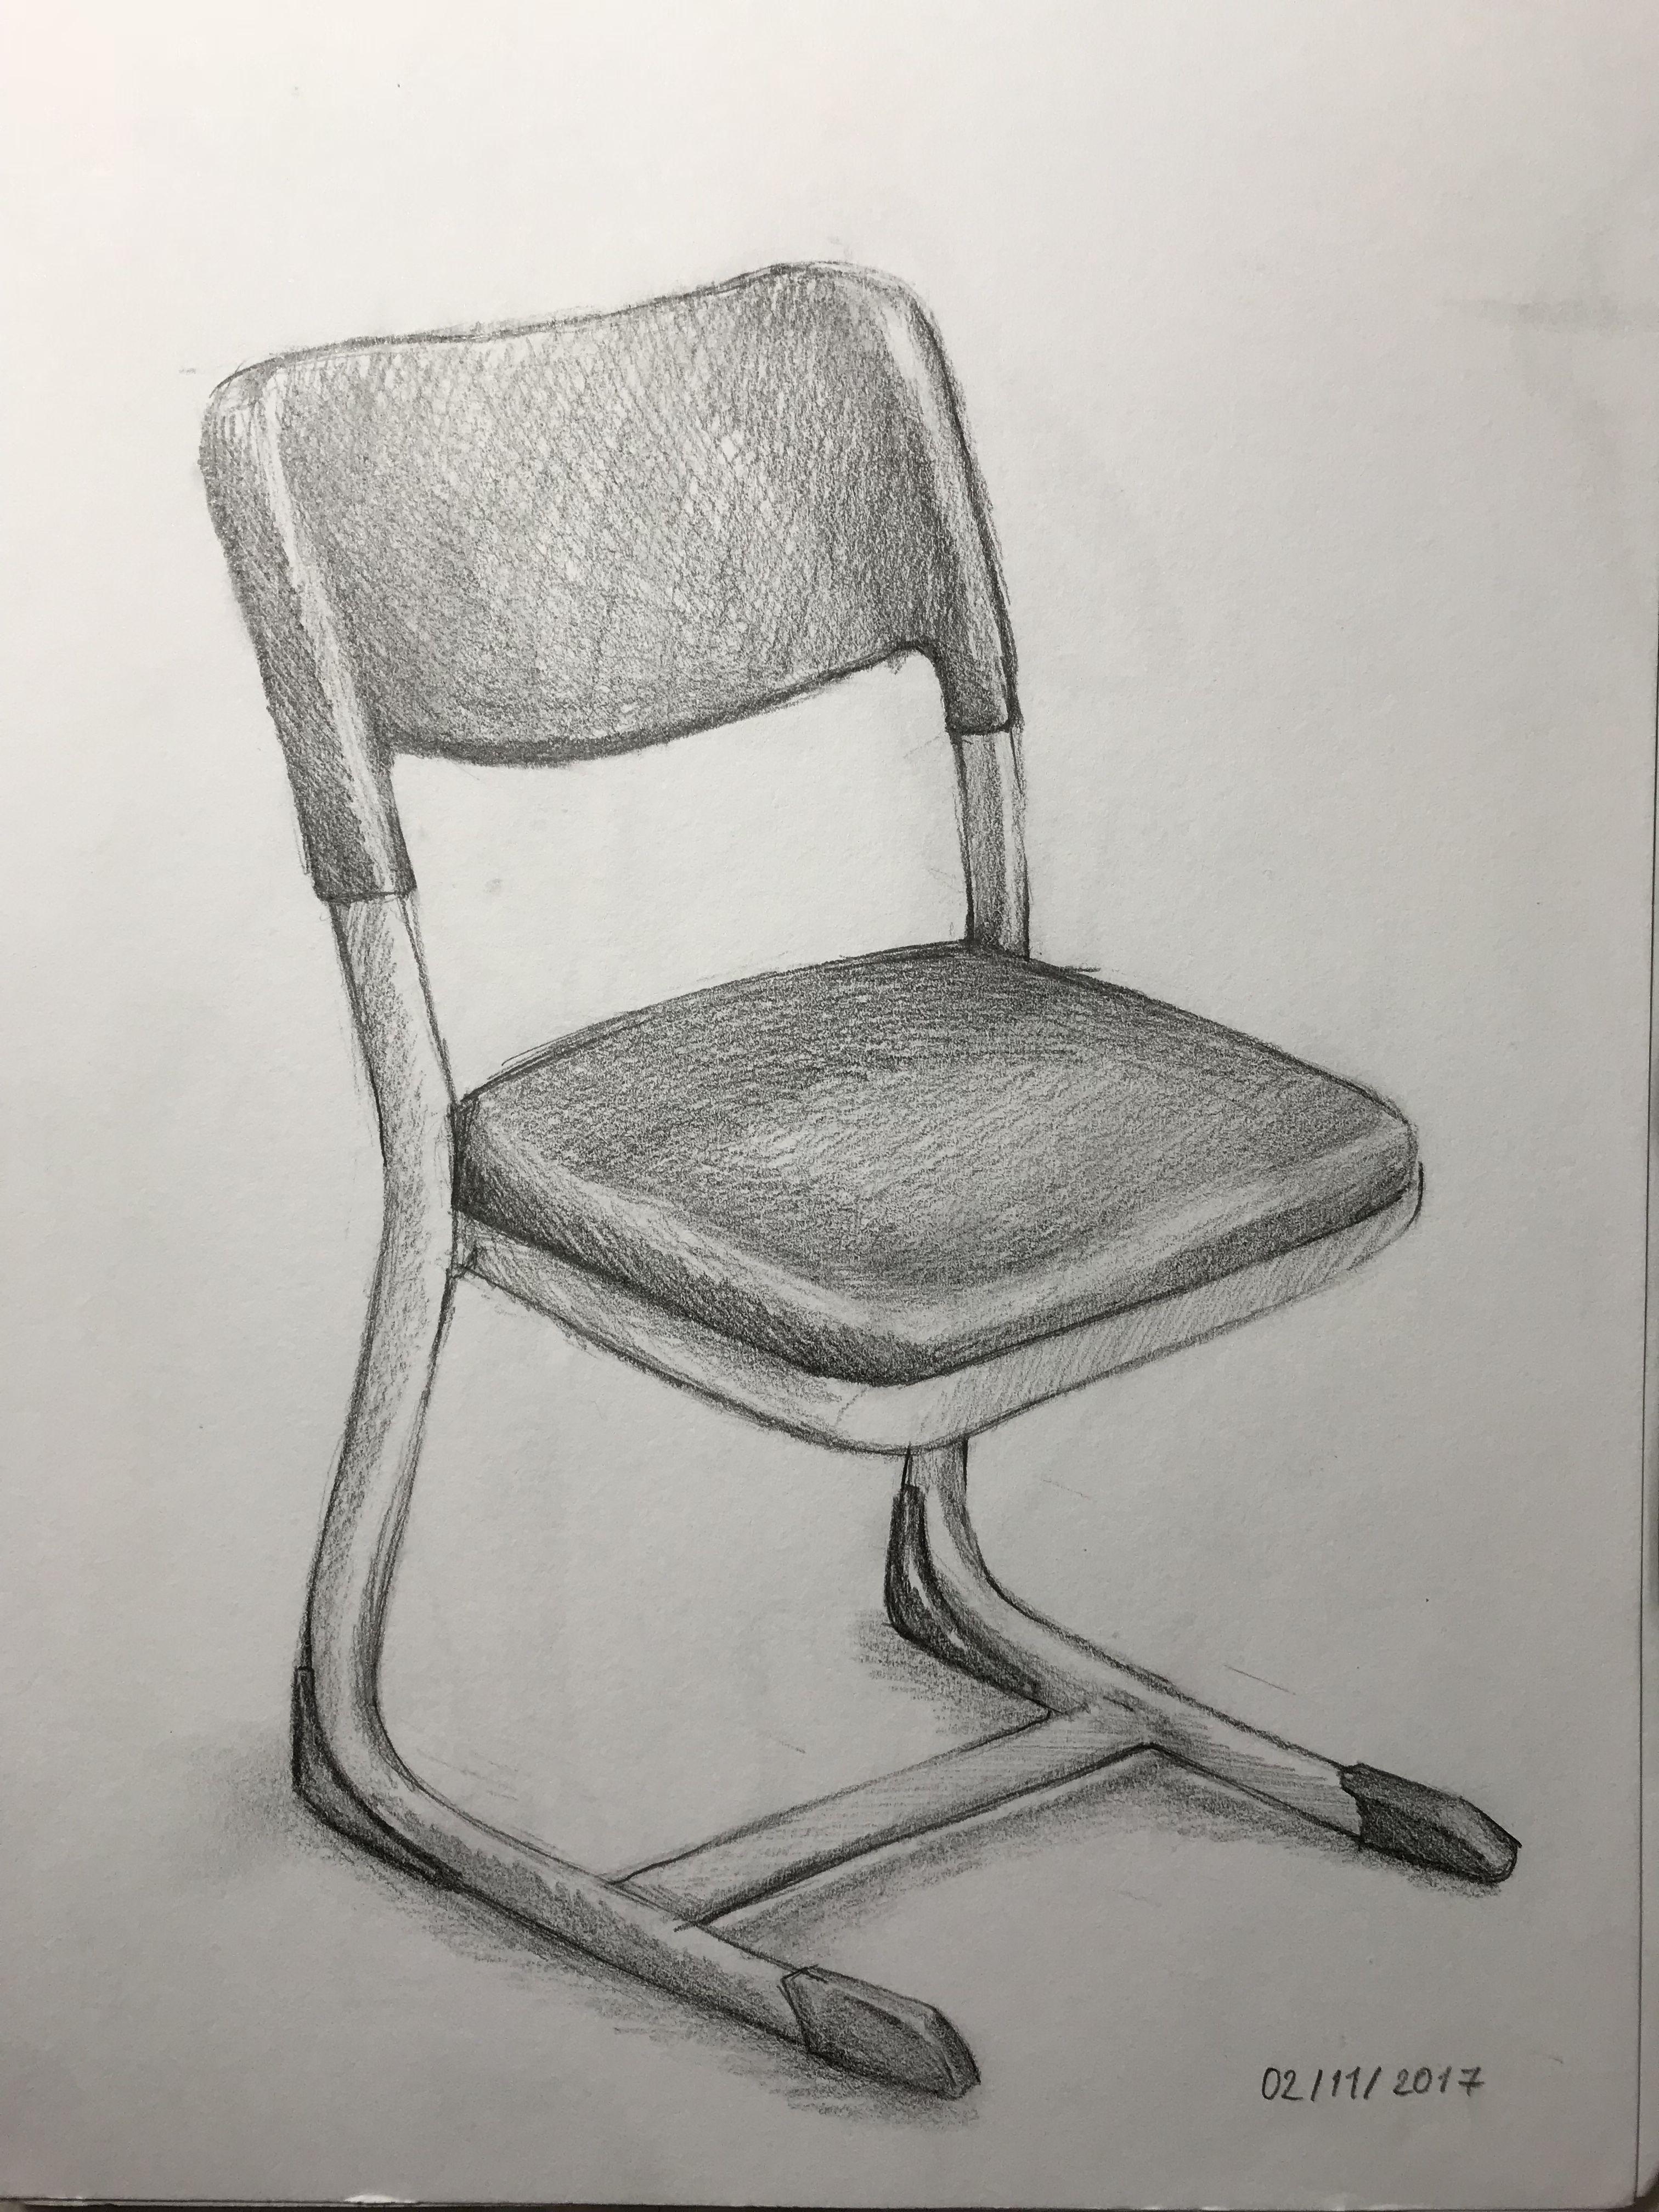 Karakalem Sandalye Cizimler Temel Sanat Karakalem Cizimler